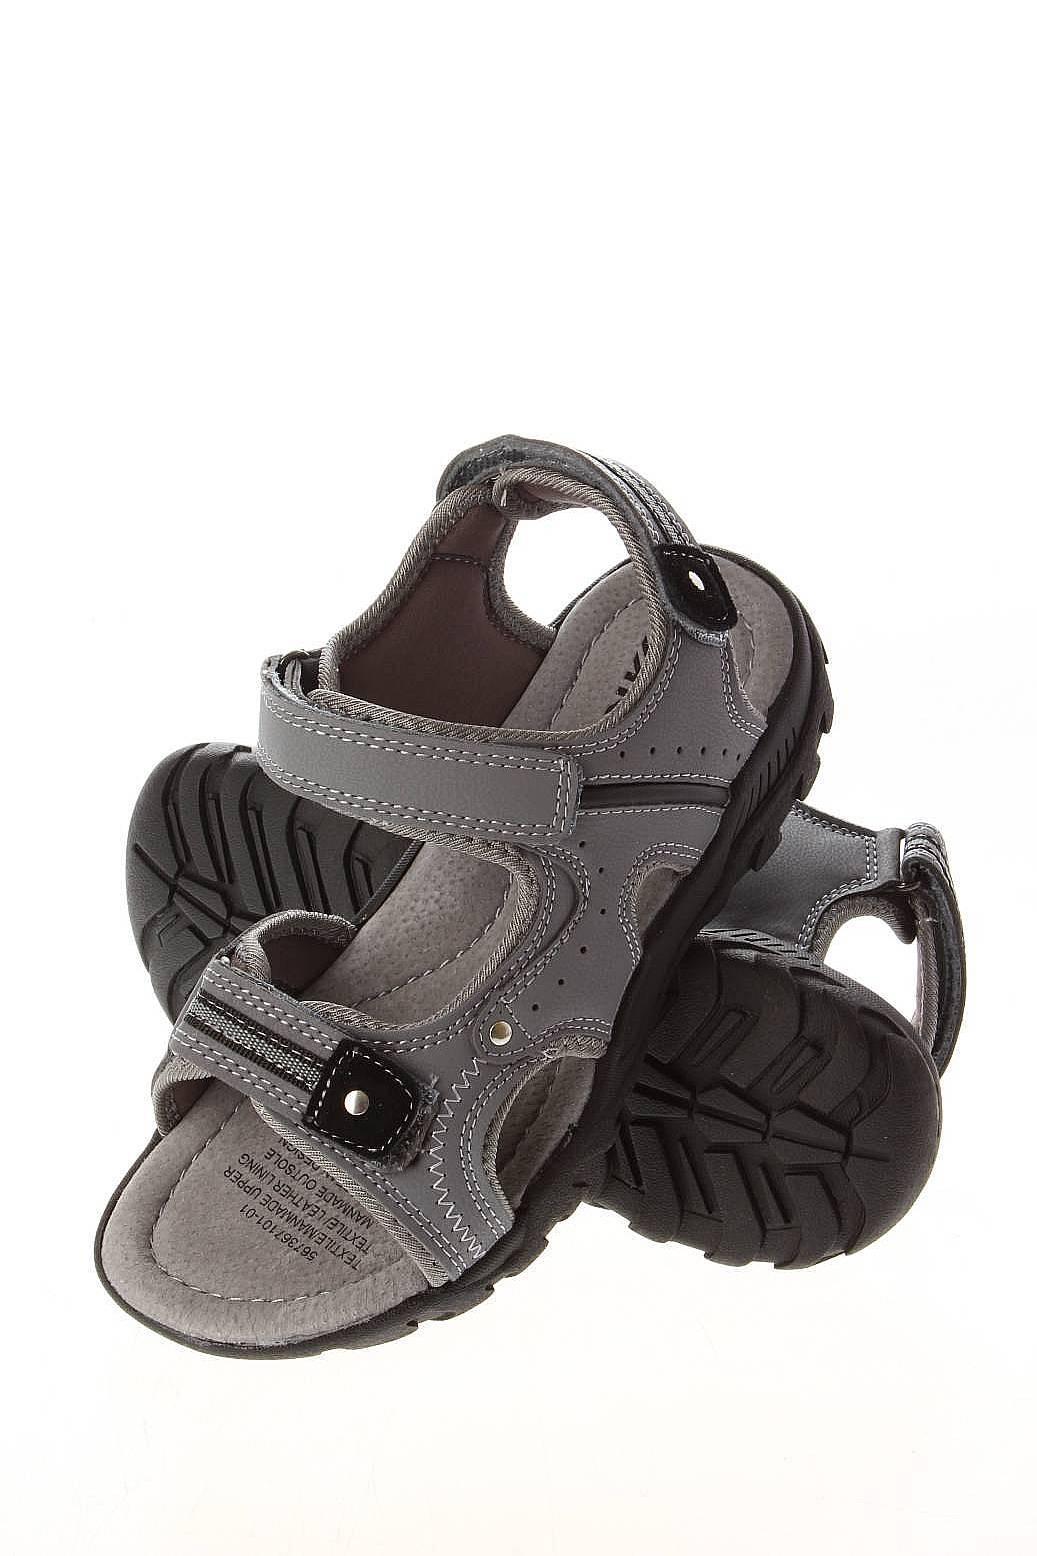 Мужская Обувь Детская Обувь Сандалии: KEDDO Обувь